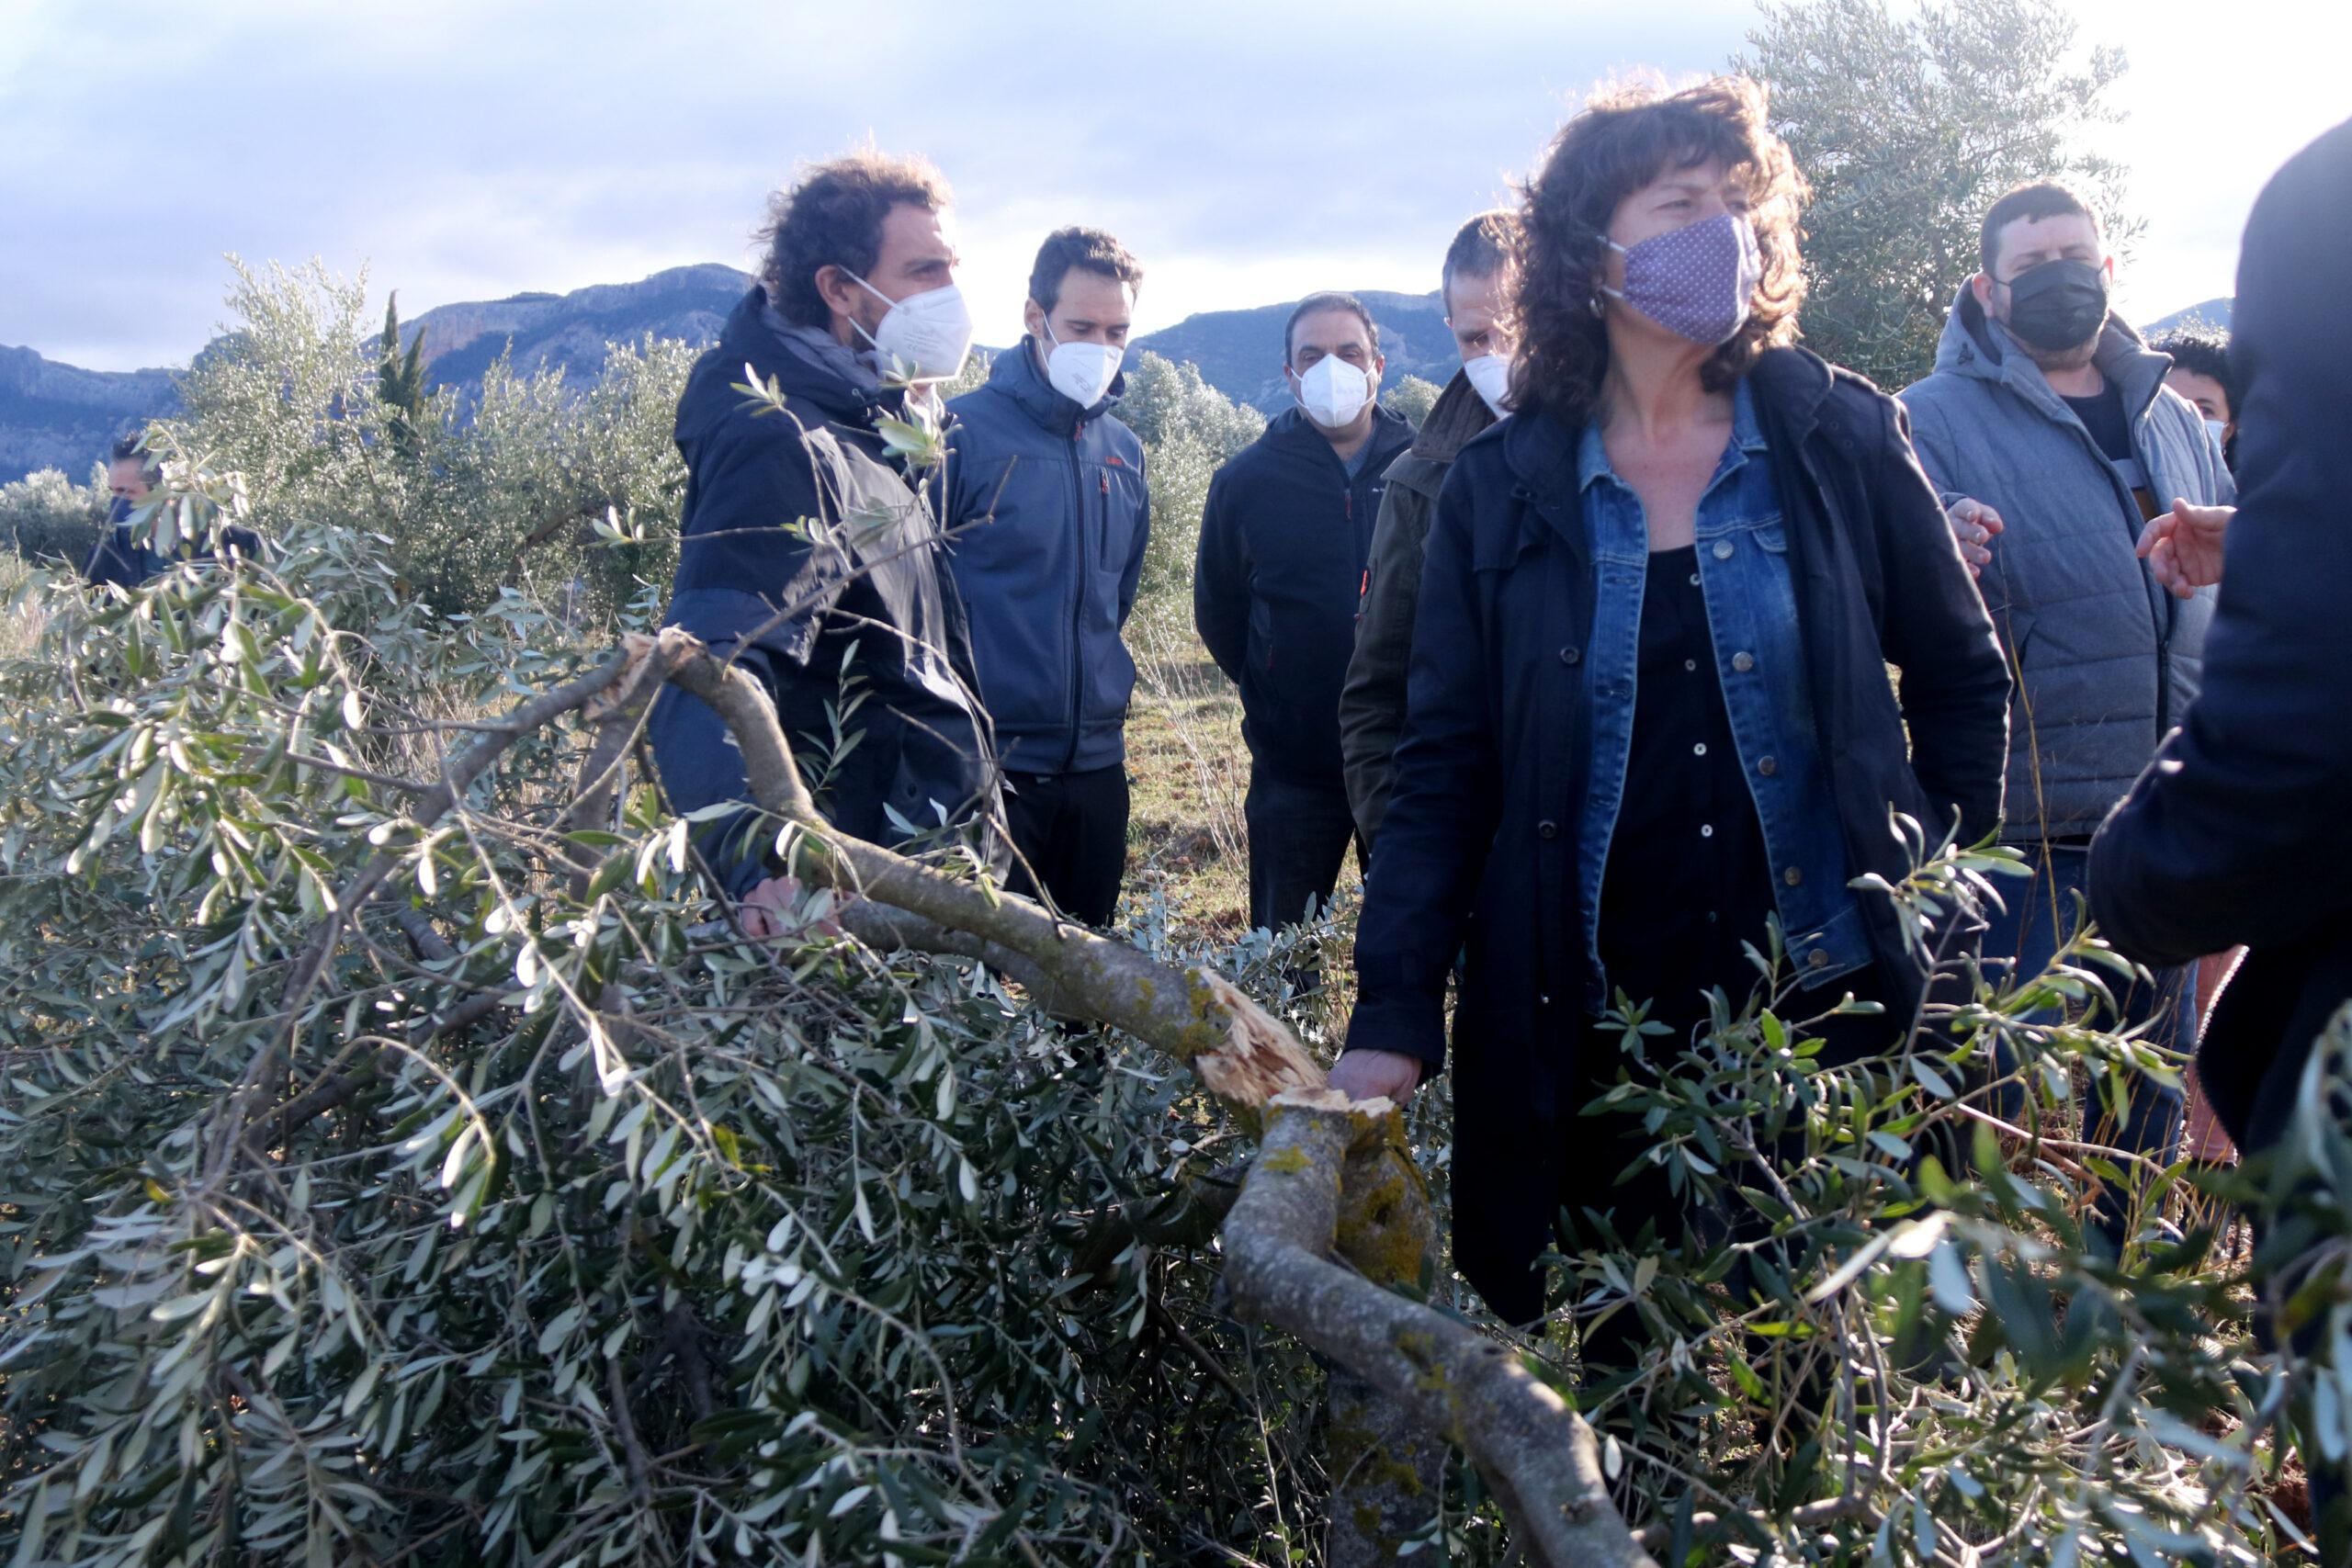 La consellera d'Agricultura, Teresa Jordà, al costat d'una olivera jove trencada pel pes de la neu durant una visita a una finca d'oliveres d'Horta de Sant Joan, a la Terra Alta | ACN